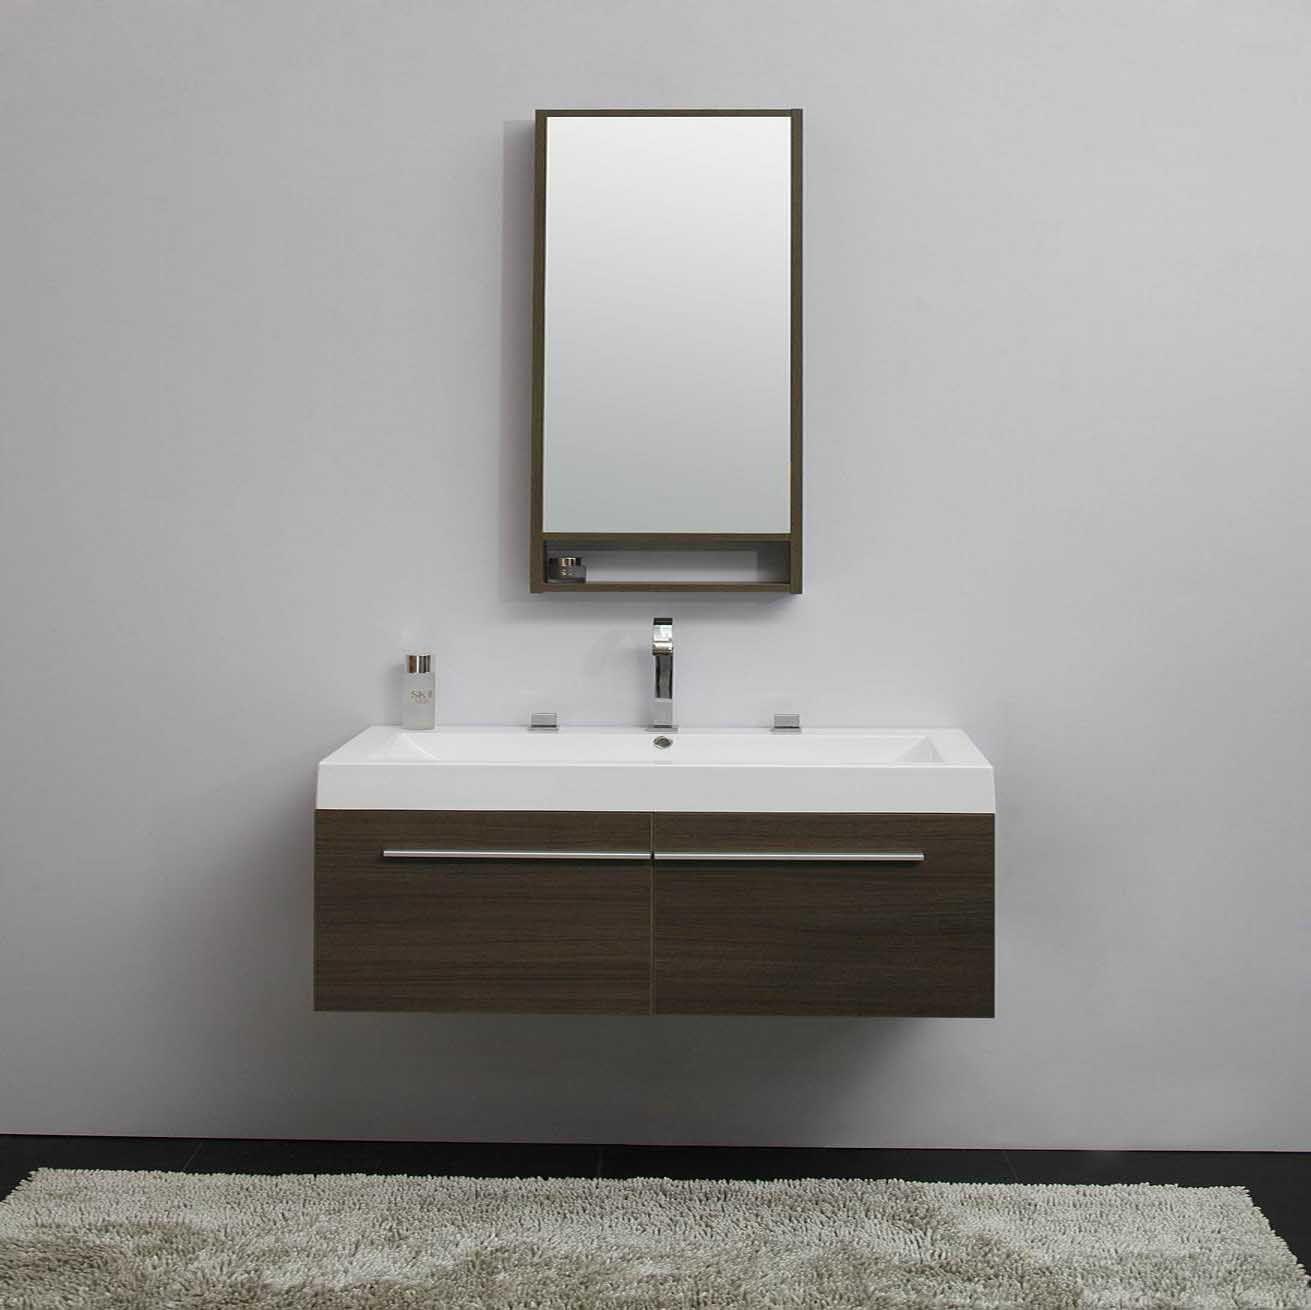 Herrliche Badezimmer Schrank Design Ideen Verschonern Sie Ihre Badezimmer Dekoration Badezimmer Schrank Badezimmer Und Tolle Badezimmer